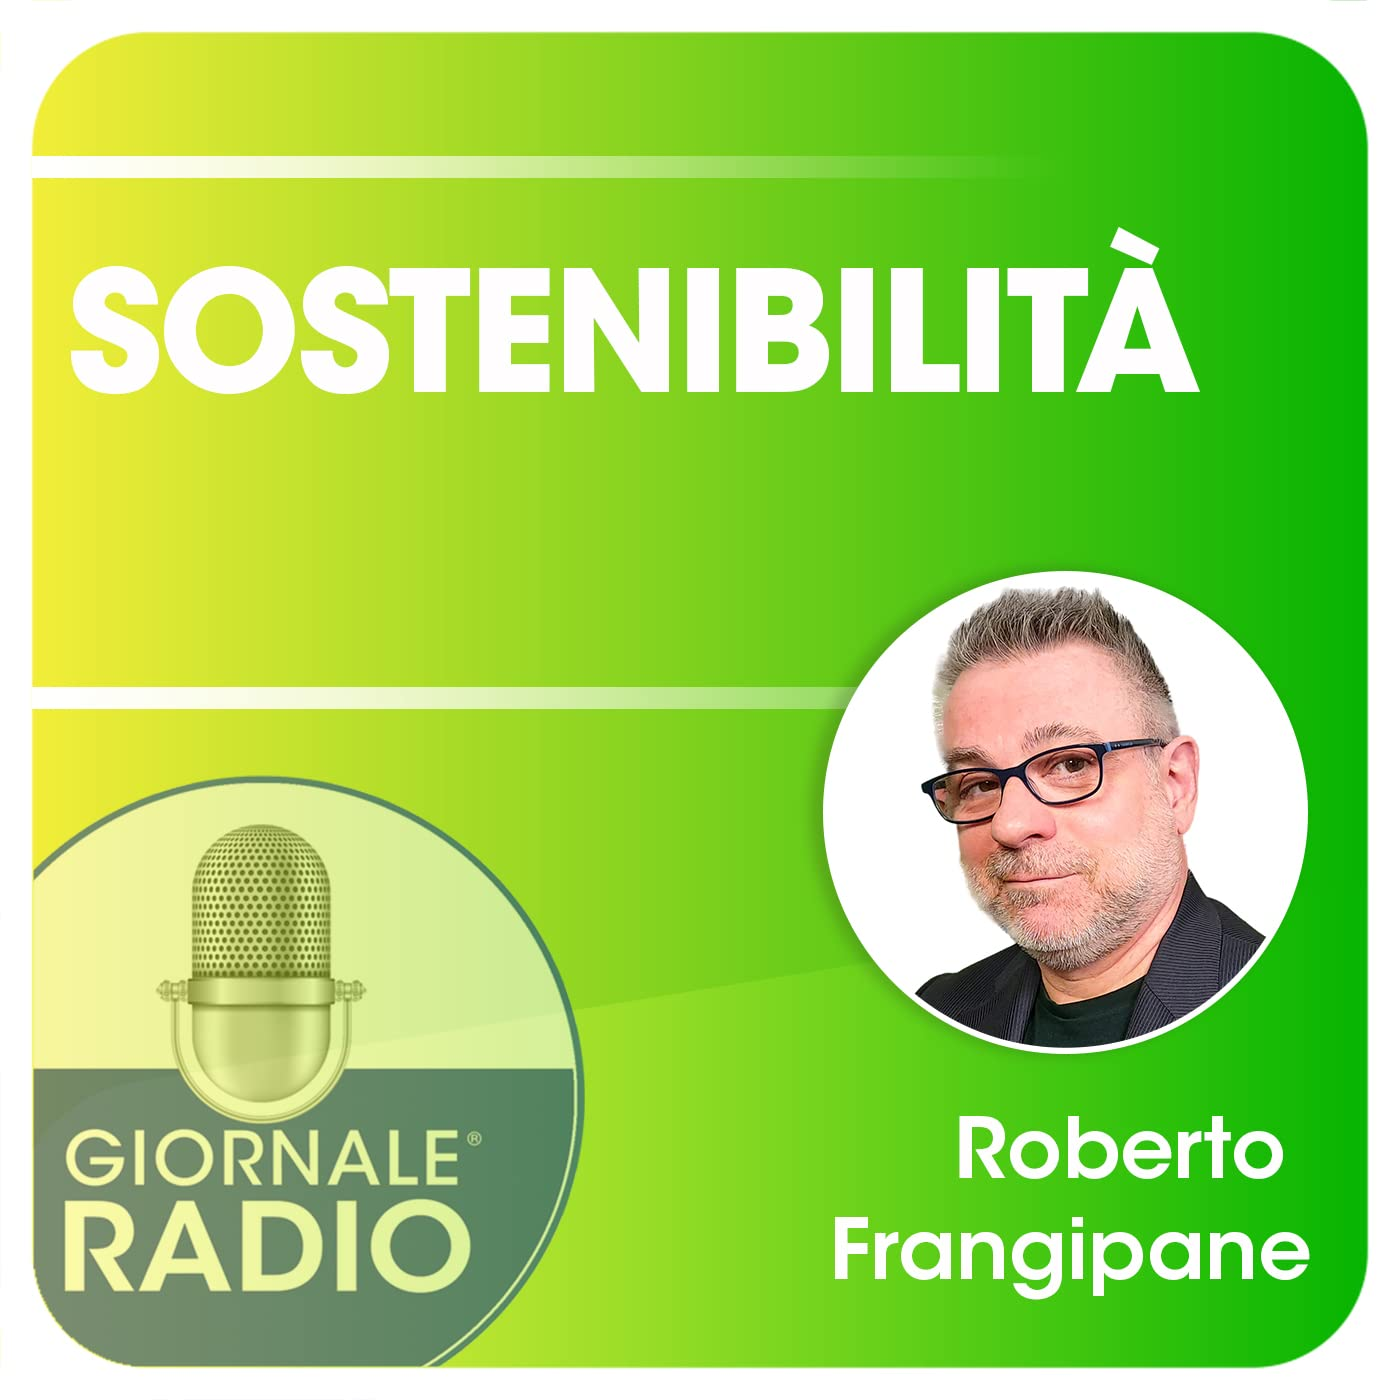 Giornale Radio Sostenibilità